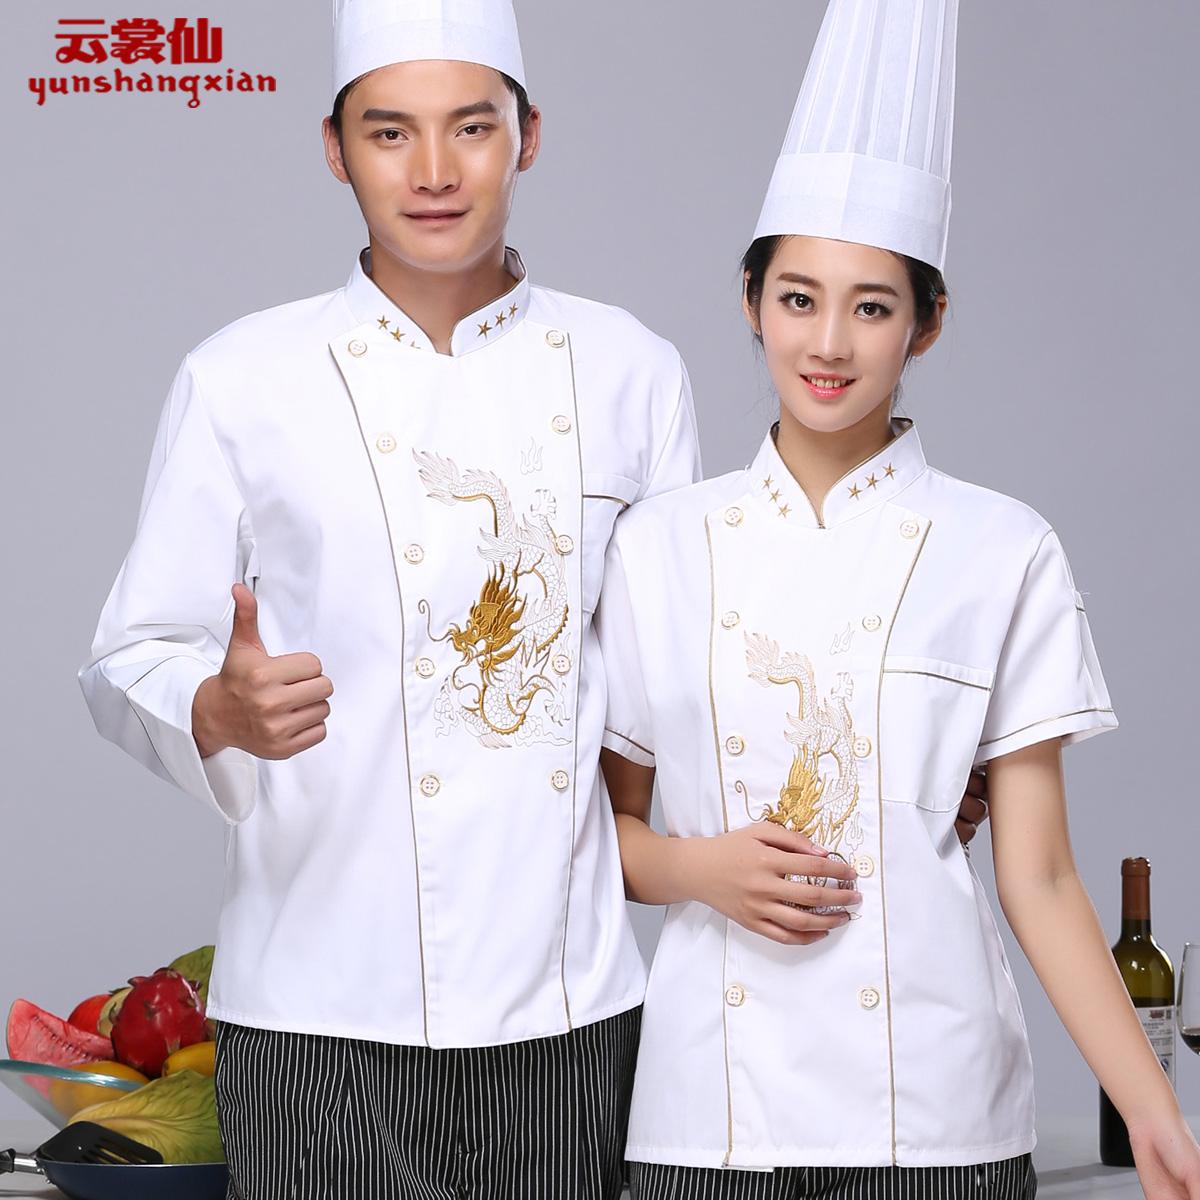 廚師服長袖 裝酒店飯店餐廳廚房廚師長工作服繡龍加大短袖夏裝